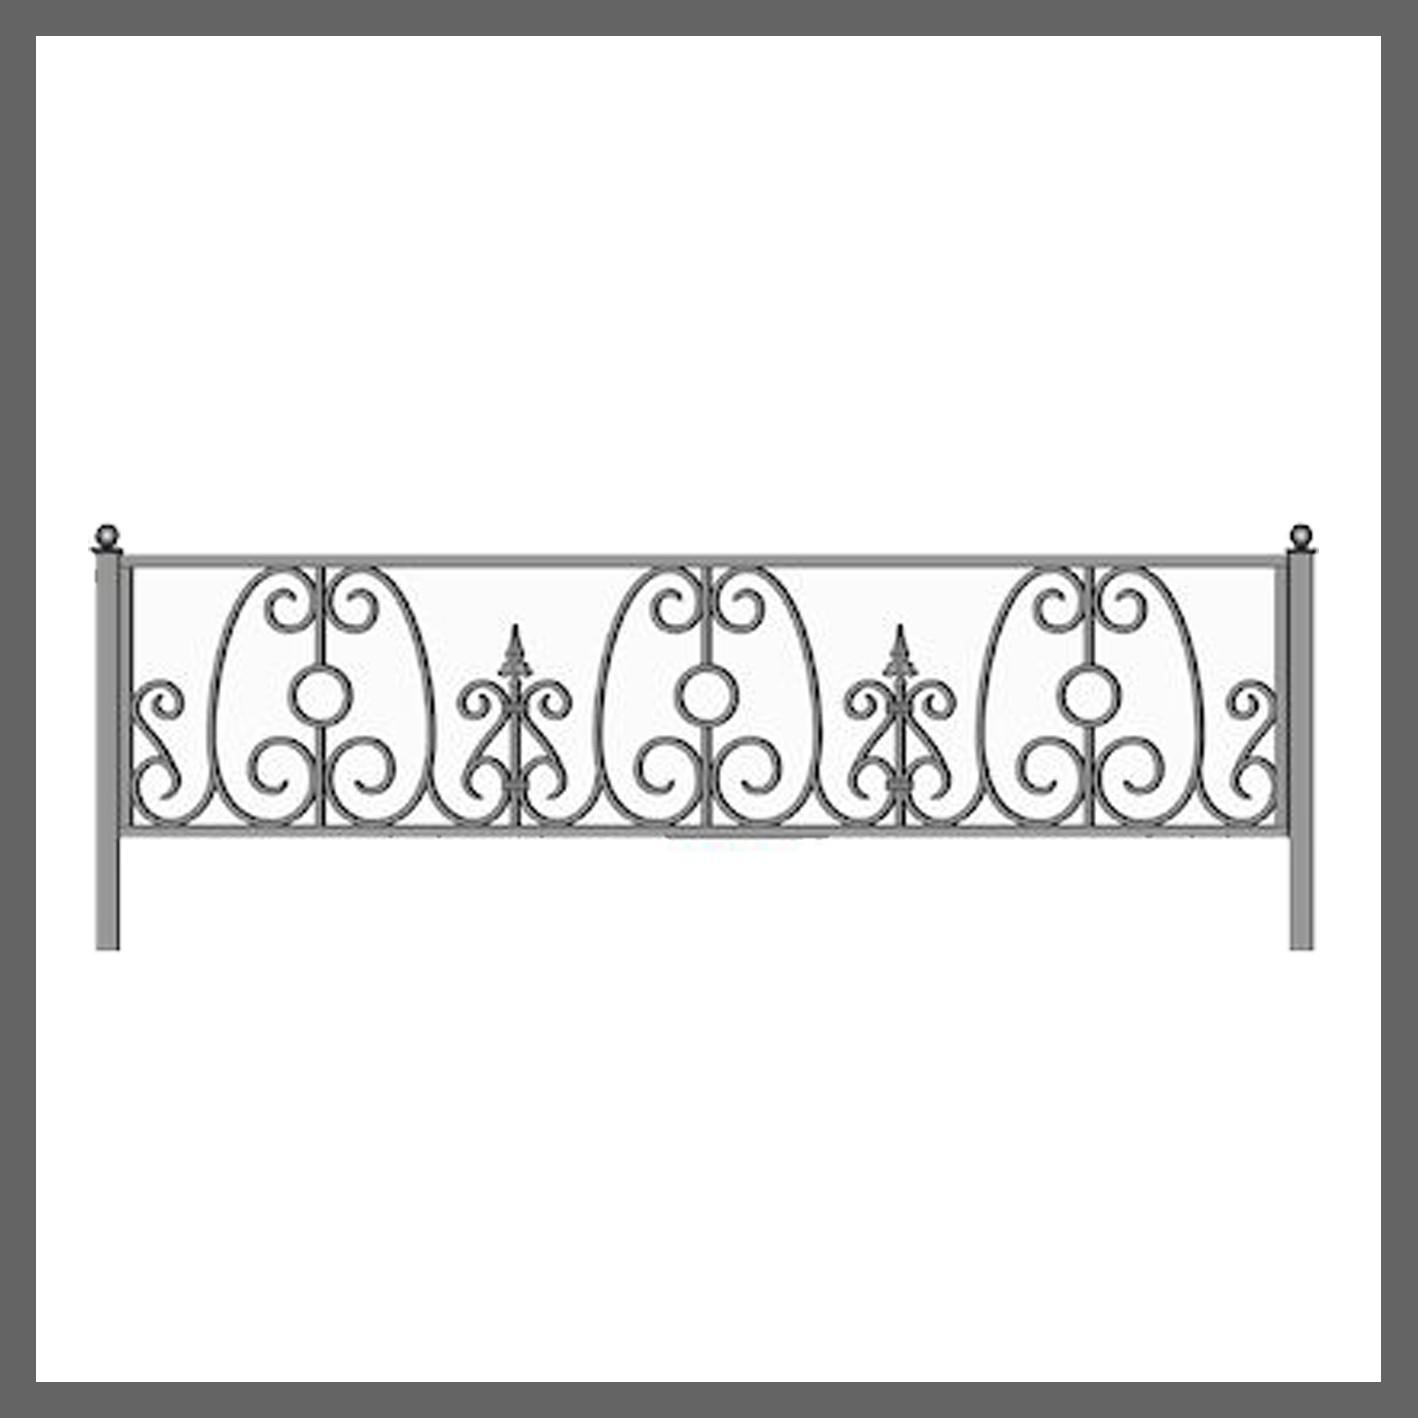 Эскиз ограды на кладбище 26